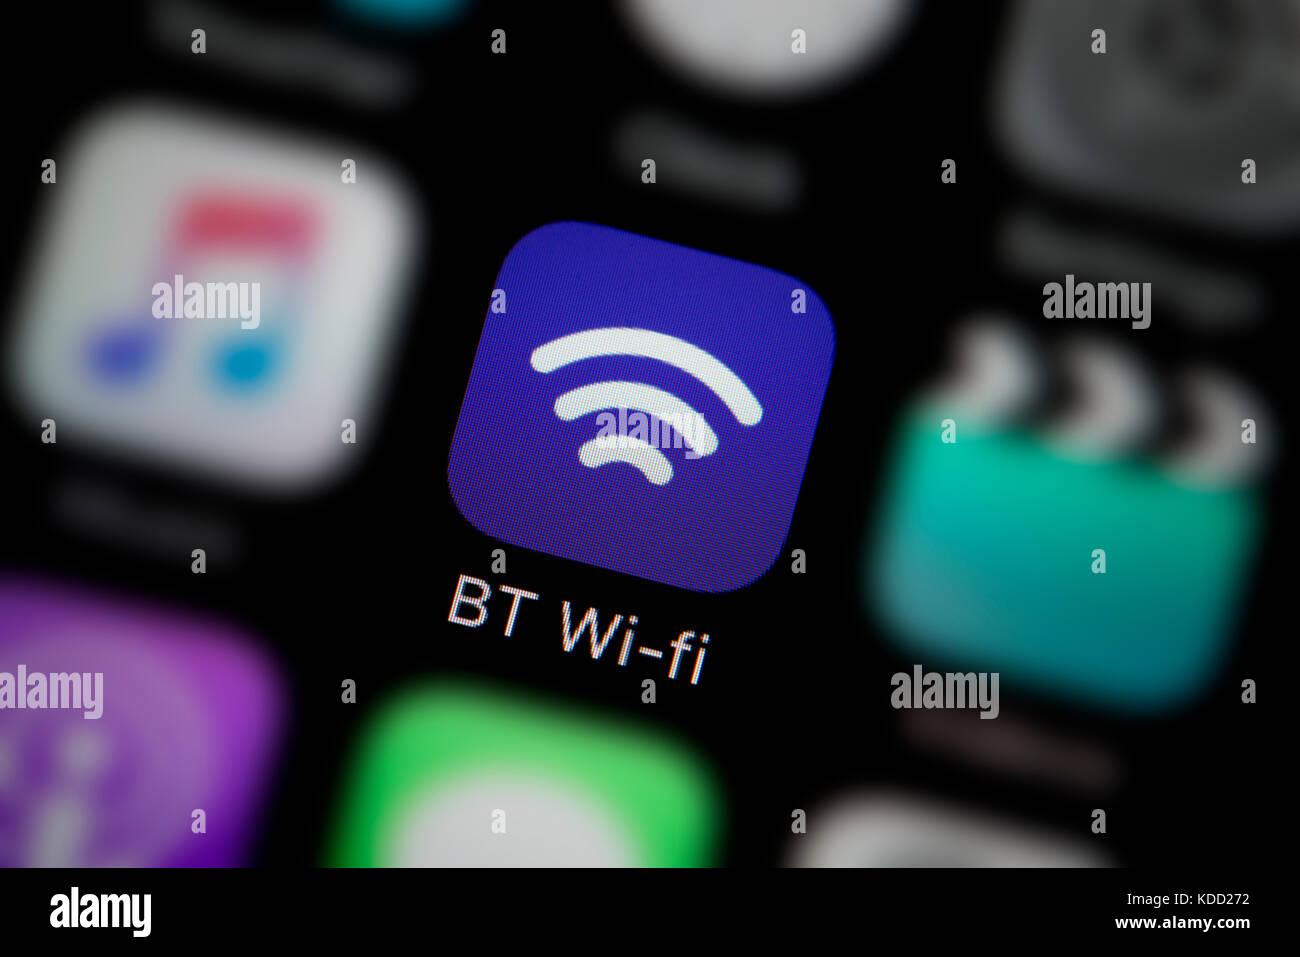 Un gros plan sur le logo représentant BT wifi icône de l'application, comme on le voit sur l'écran Photo Stock